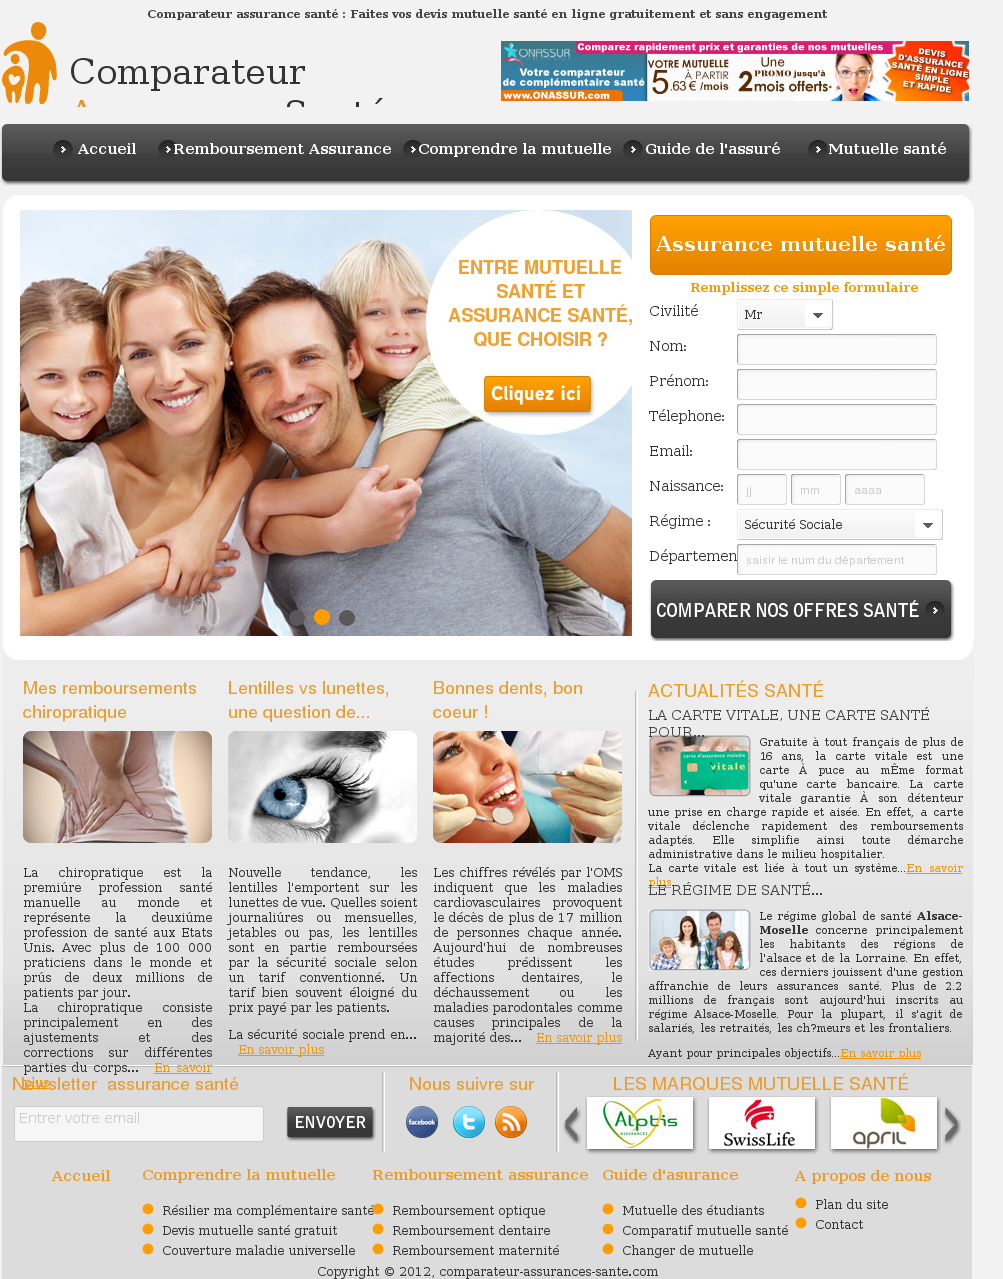 Comparateur assurances santé